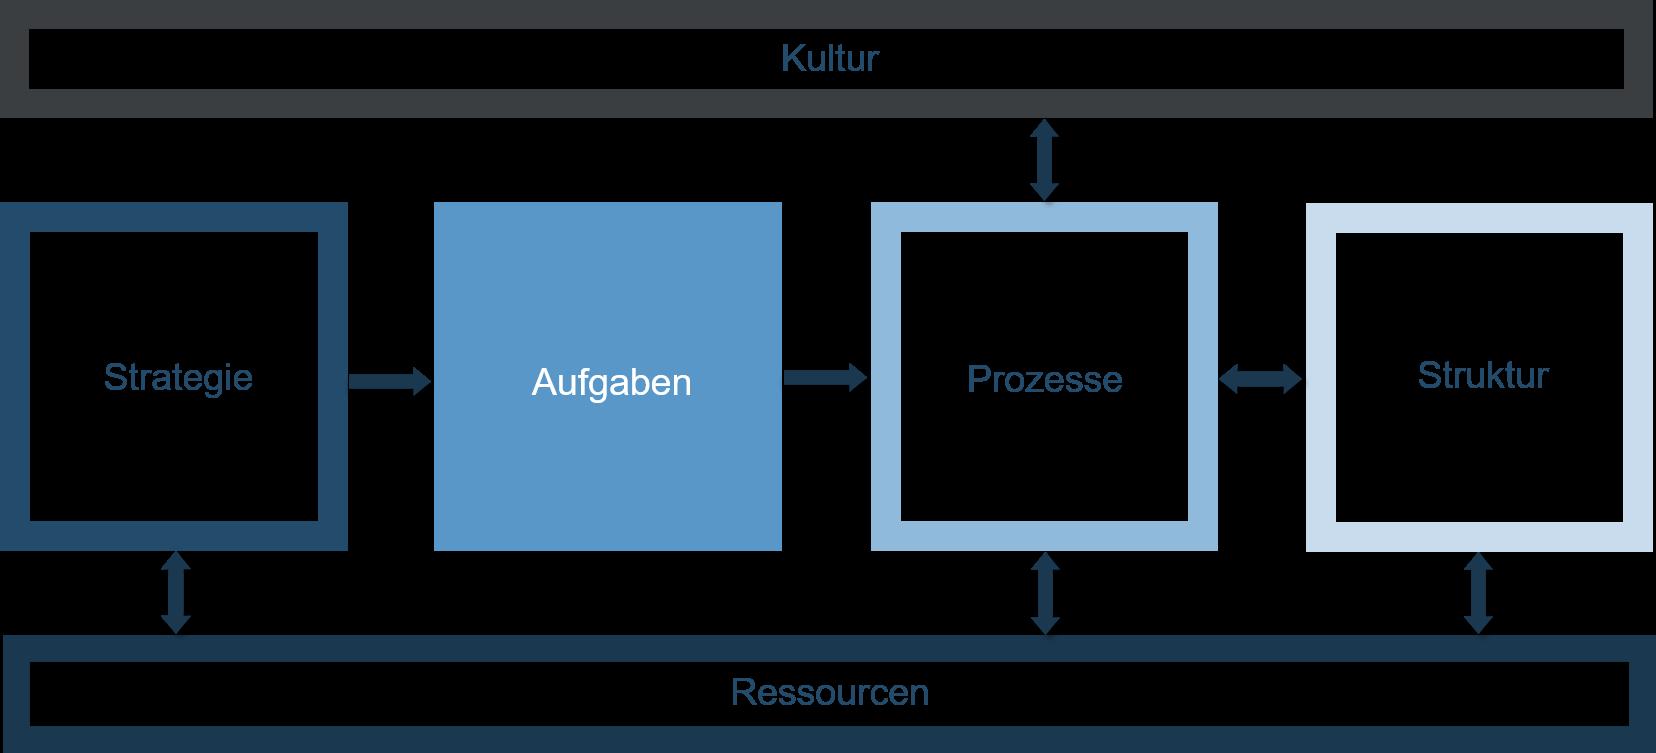 Organisationsentwicklung - Schaubild - Aufgaben